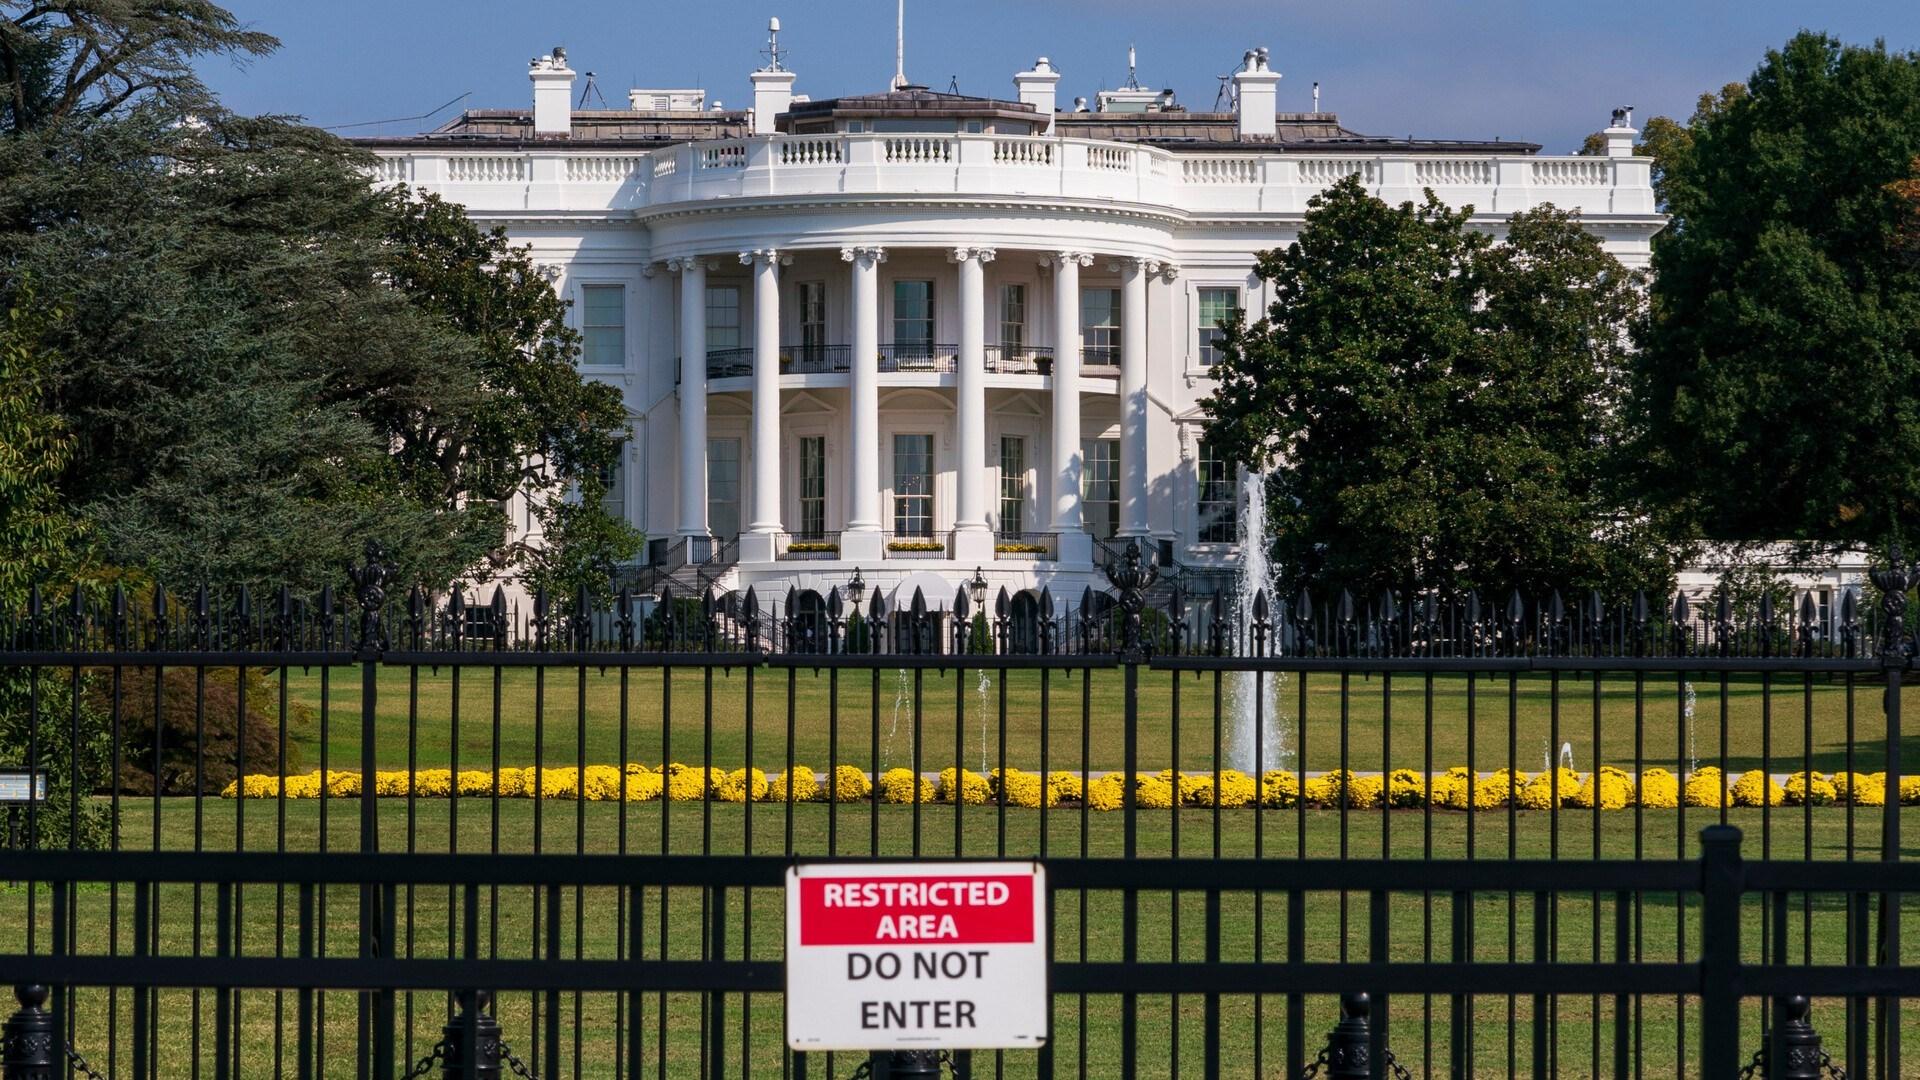 البيت الأبيض يقترح حزمة تحفيز جديدة لإنقاذ الاقتصاد الأميركي